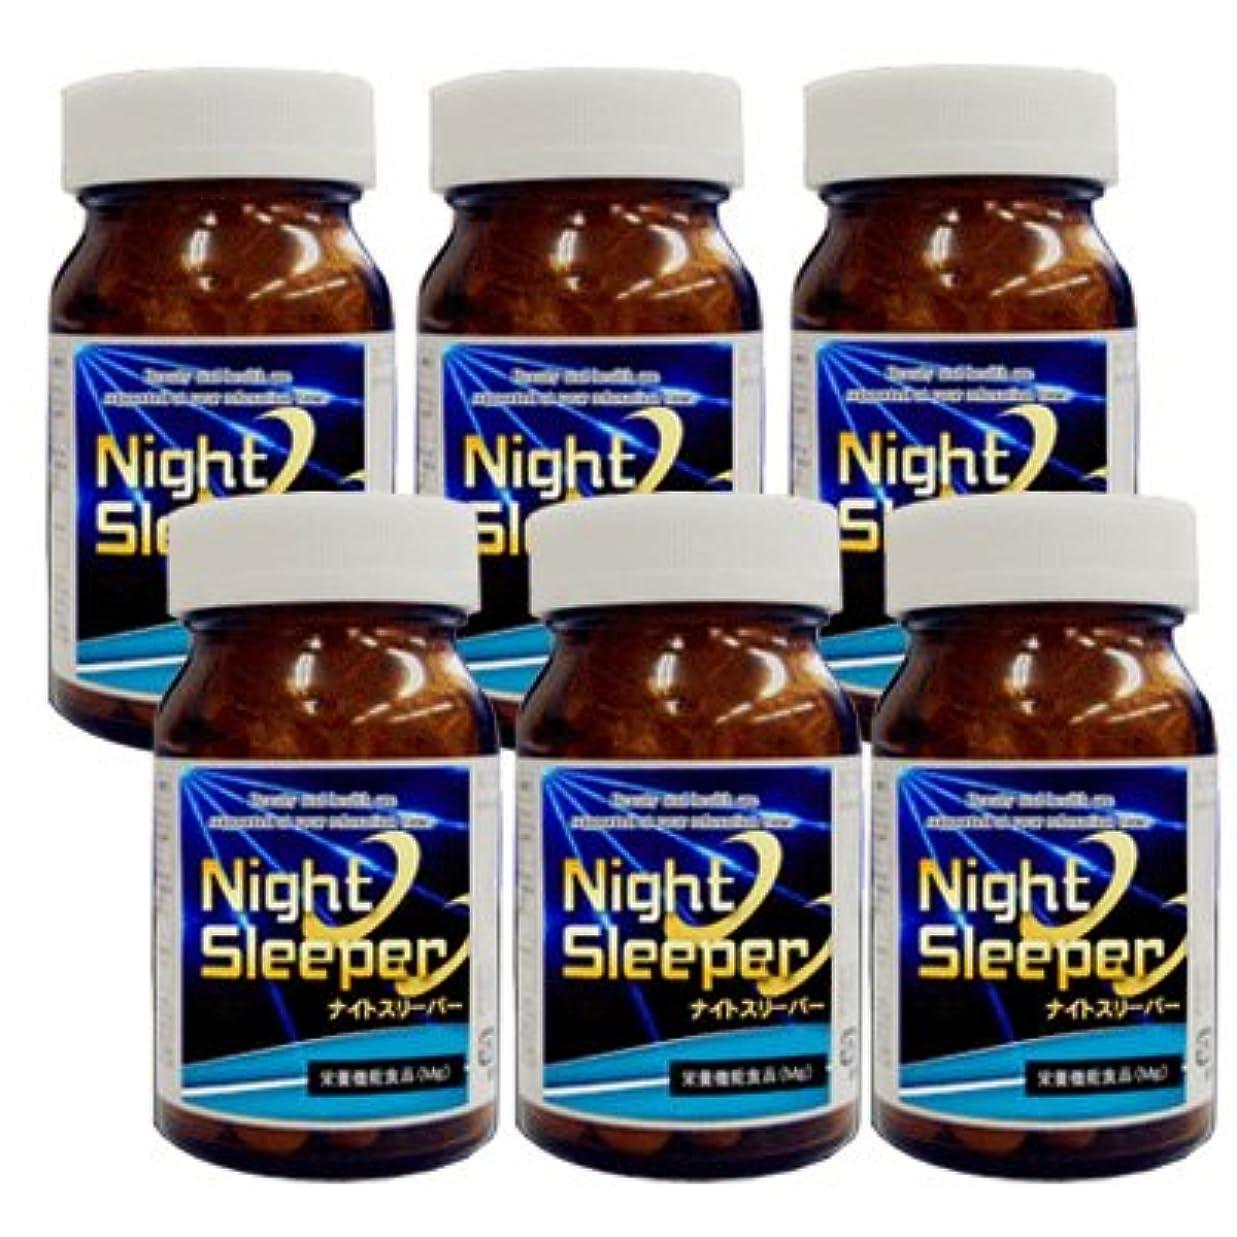 等々冷ややかな進化するナイトスリーパー 6個セット! nightsleeper ×6個